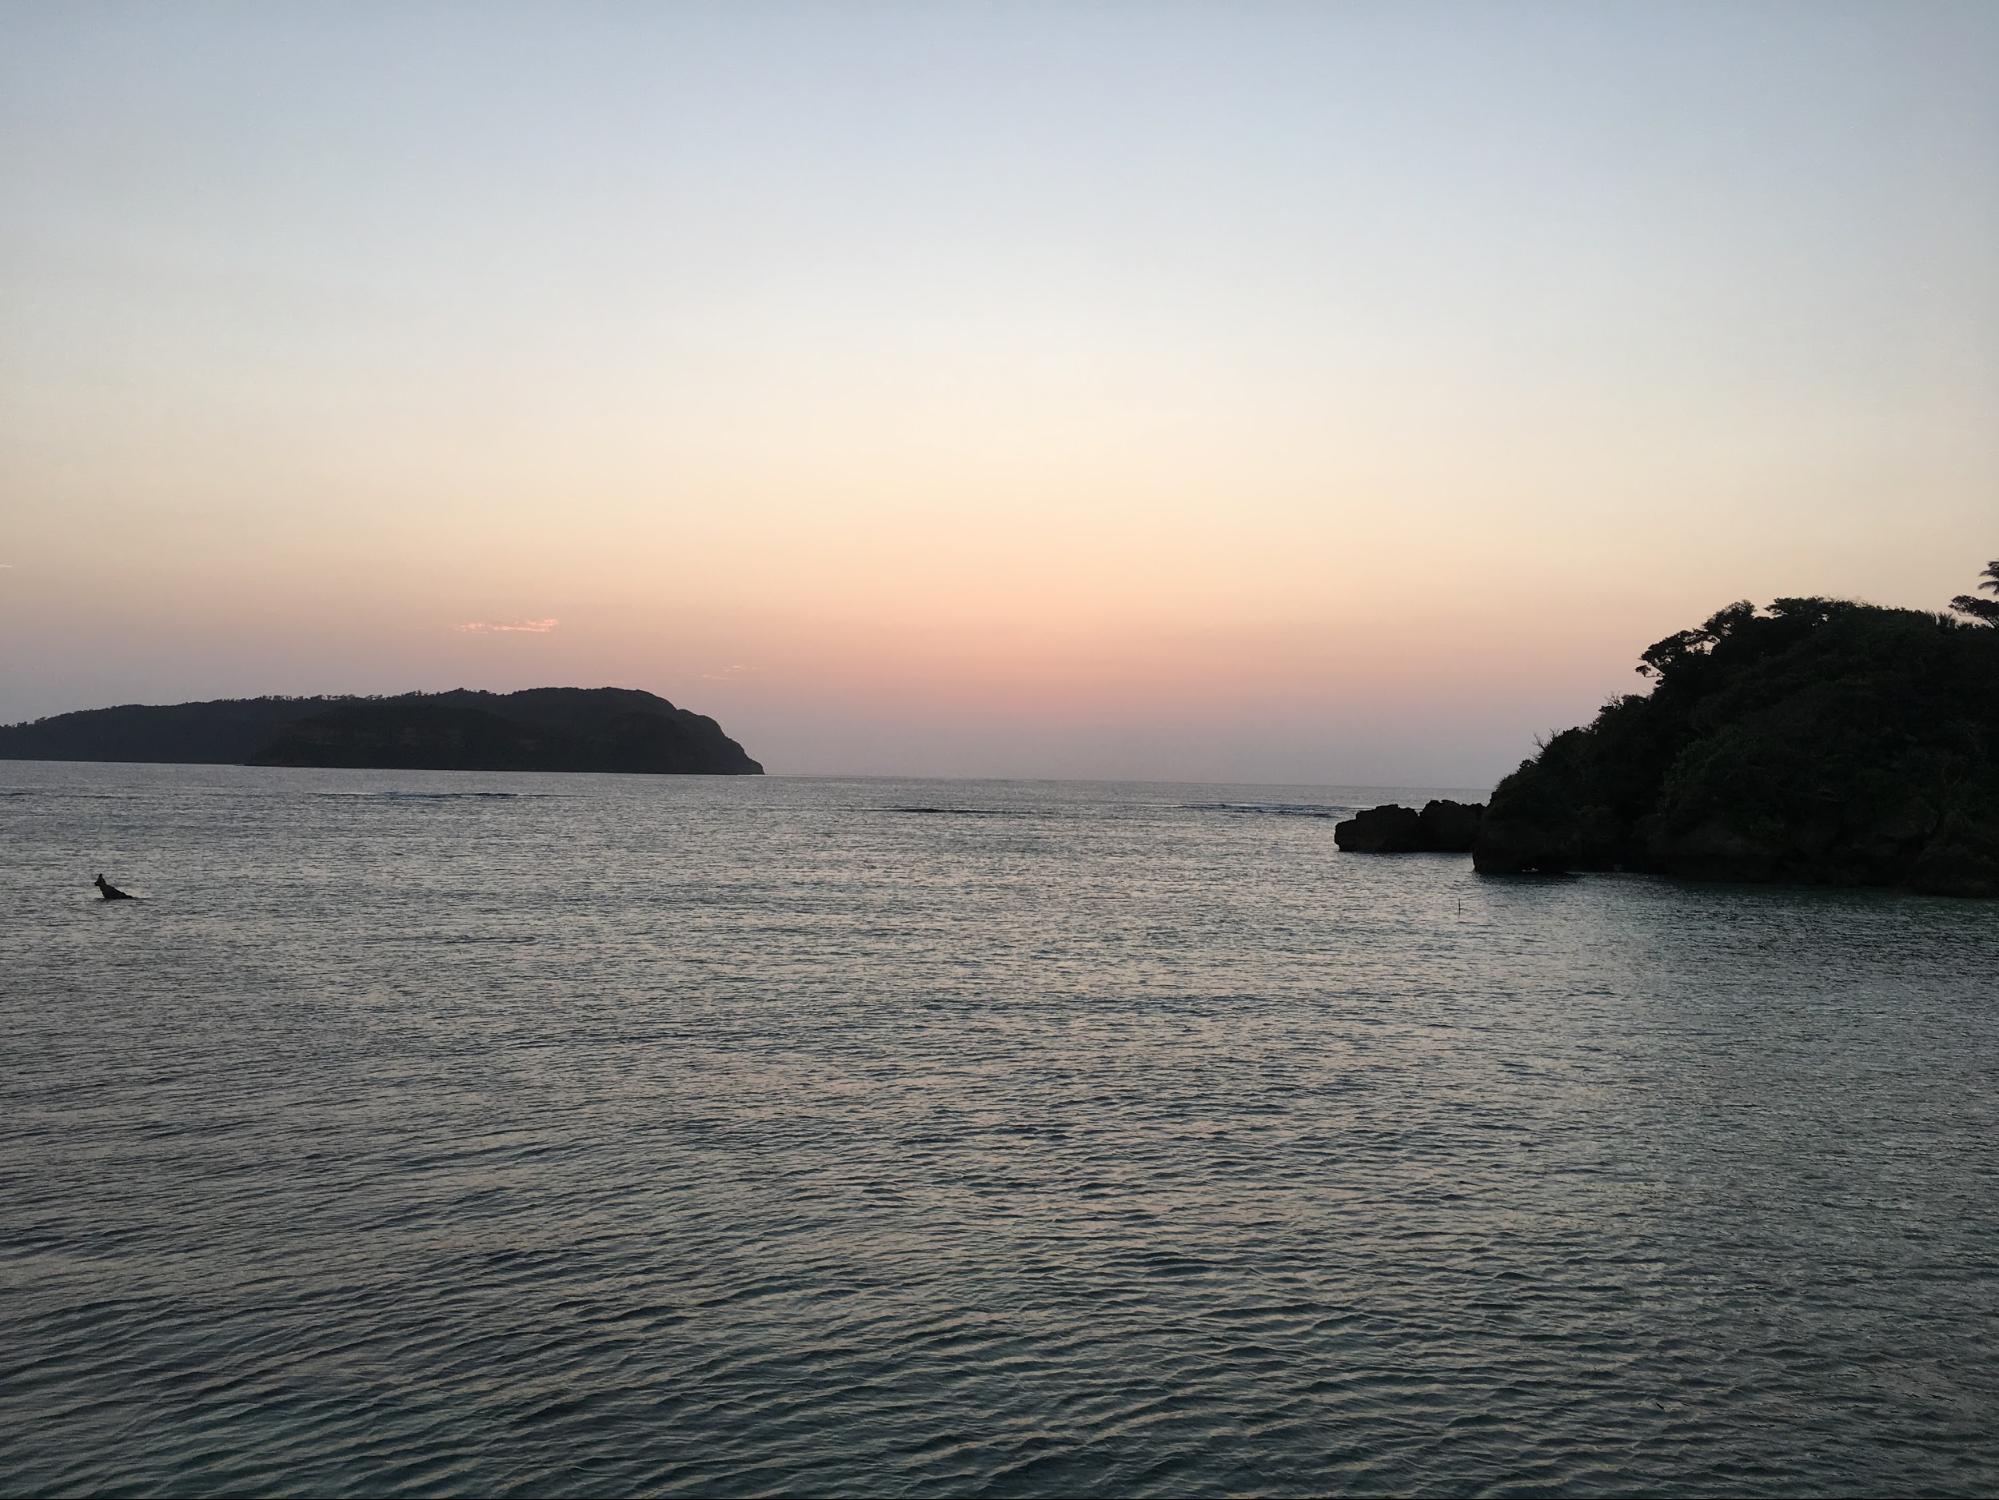 夕日が沈んだ後の西表島祖納港の夕暮れ